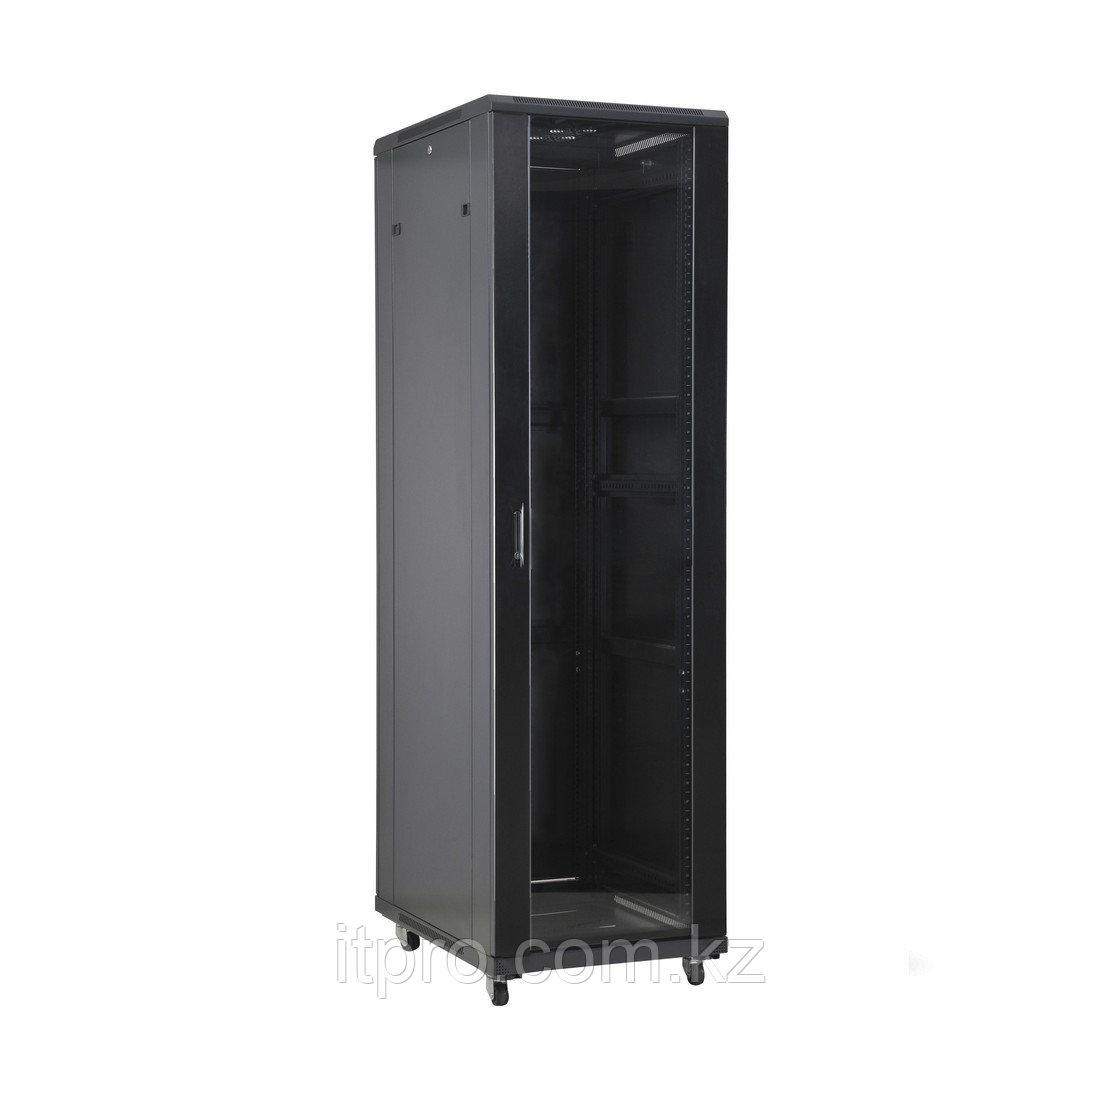 Шкаф серверный SHIP 601S.6815.03.100, 103 серия, 19'' 15U, 600*800*800, Чёрный